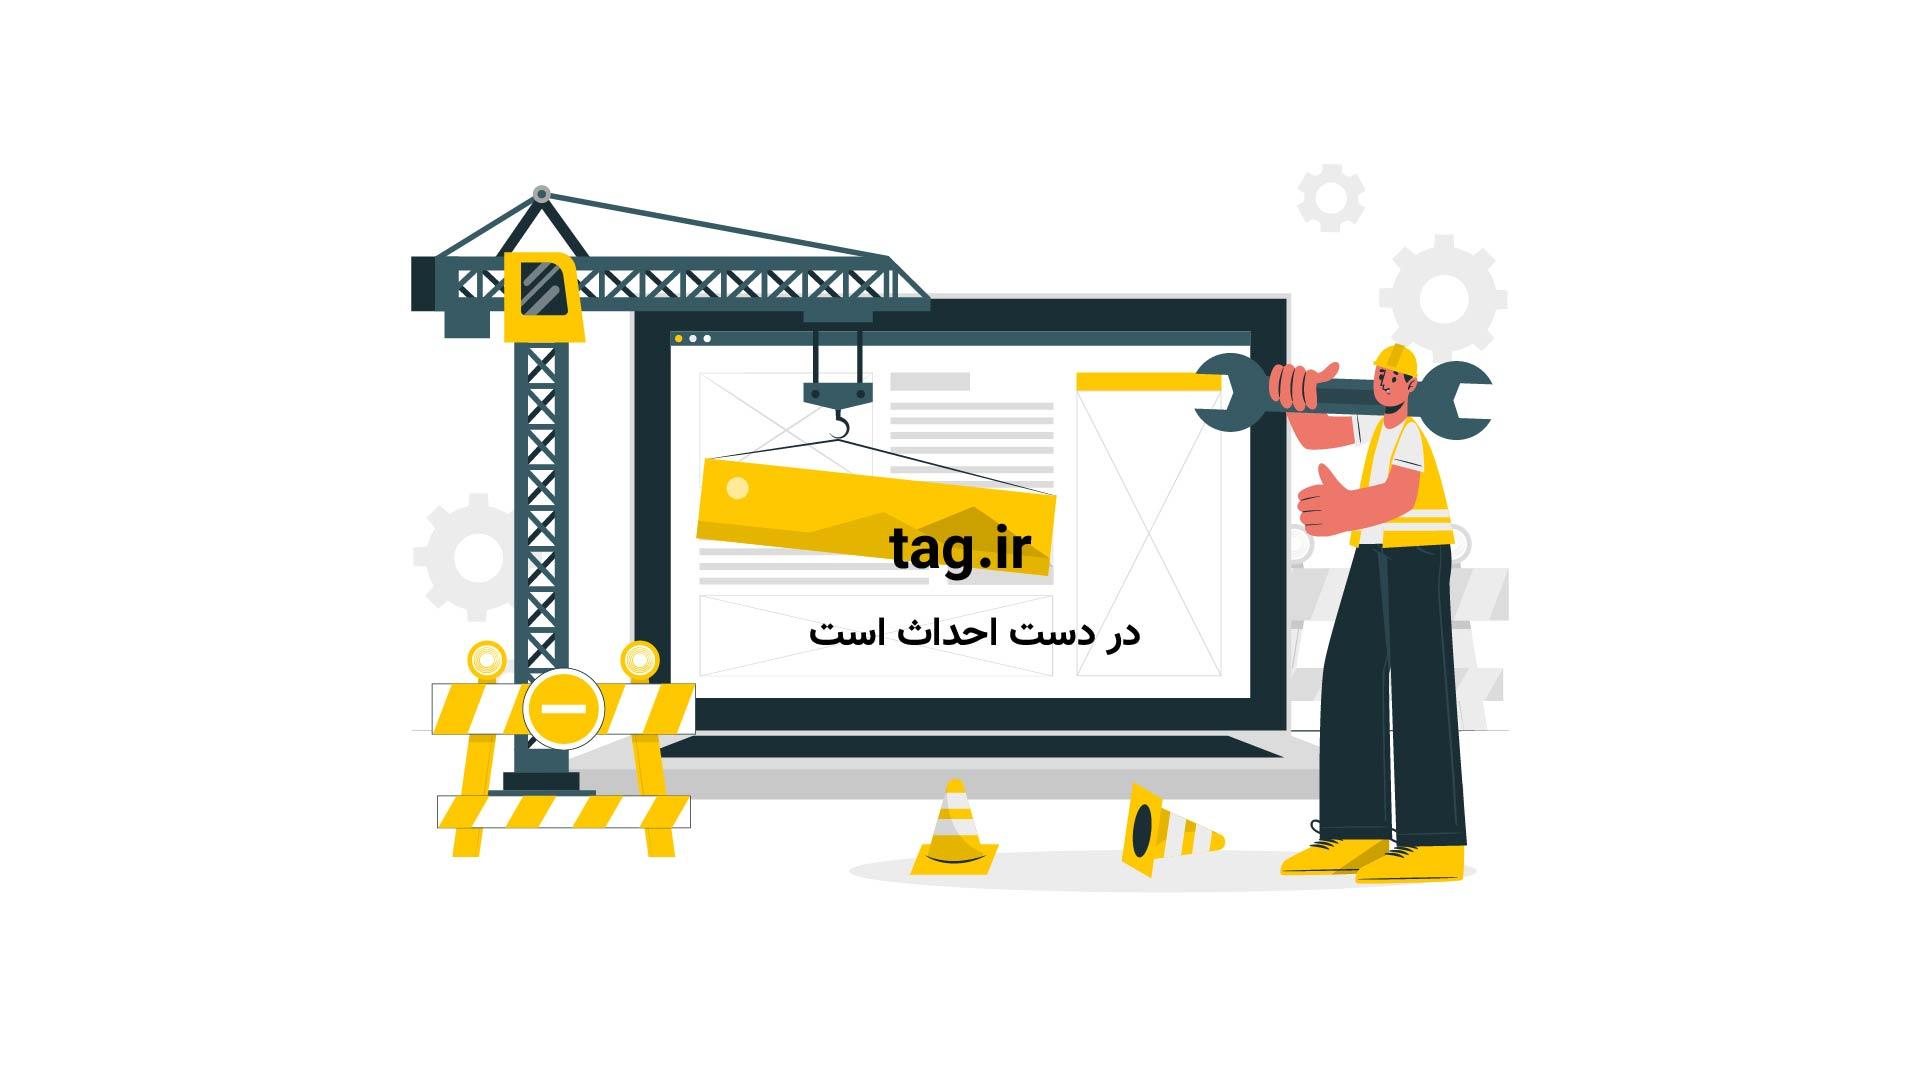 ترافیک | تگ